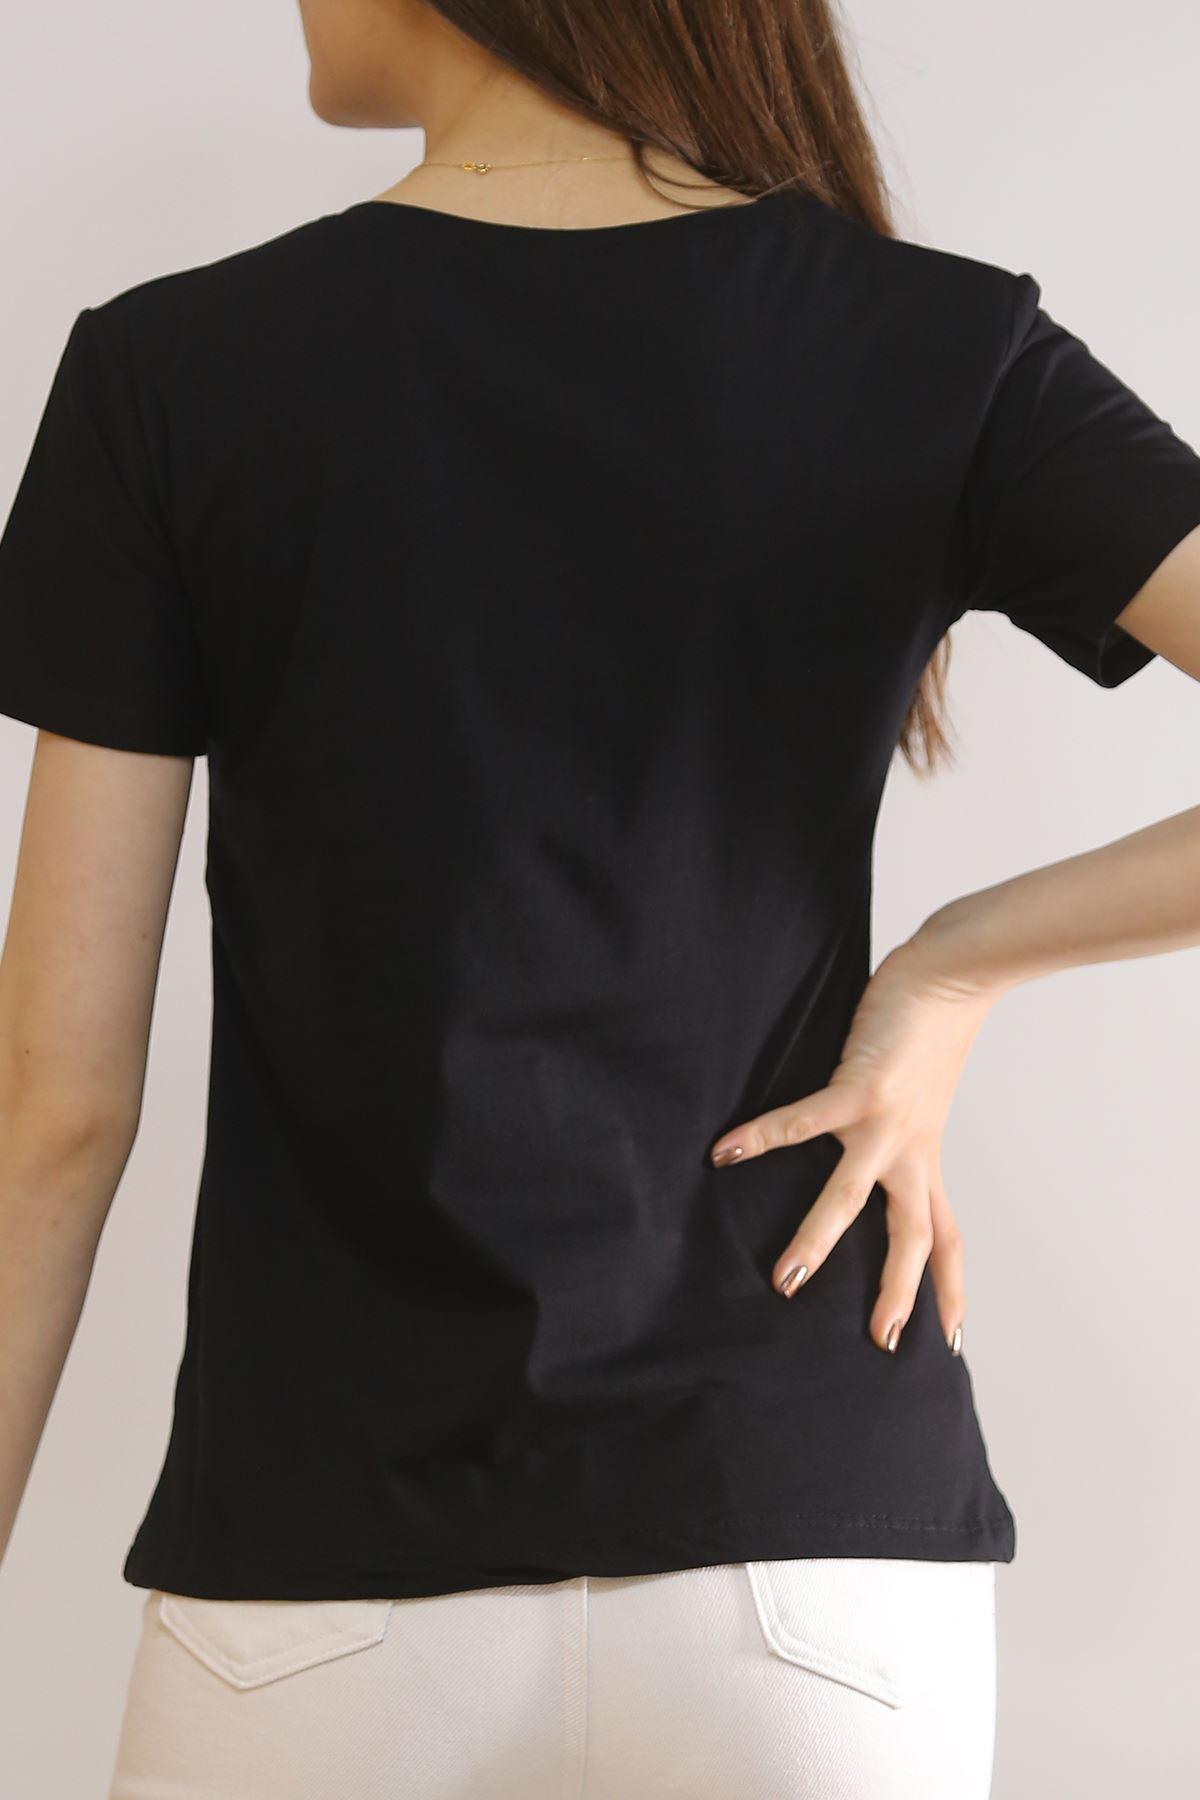 Pullu Baskılı Tişört Siyah - 2136.336.